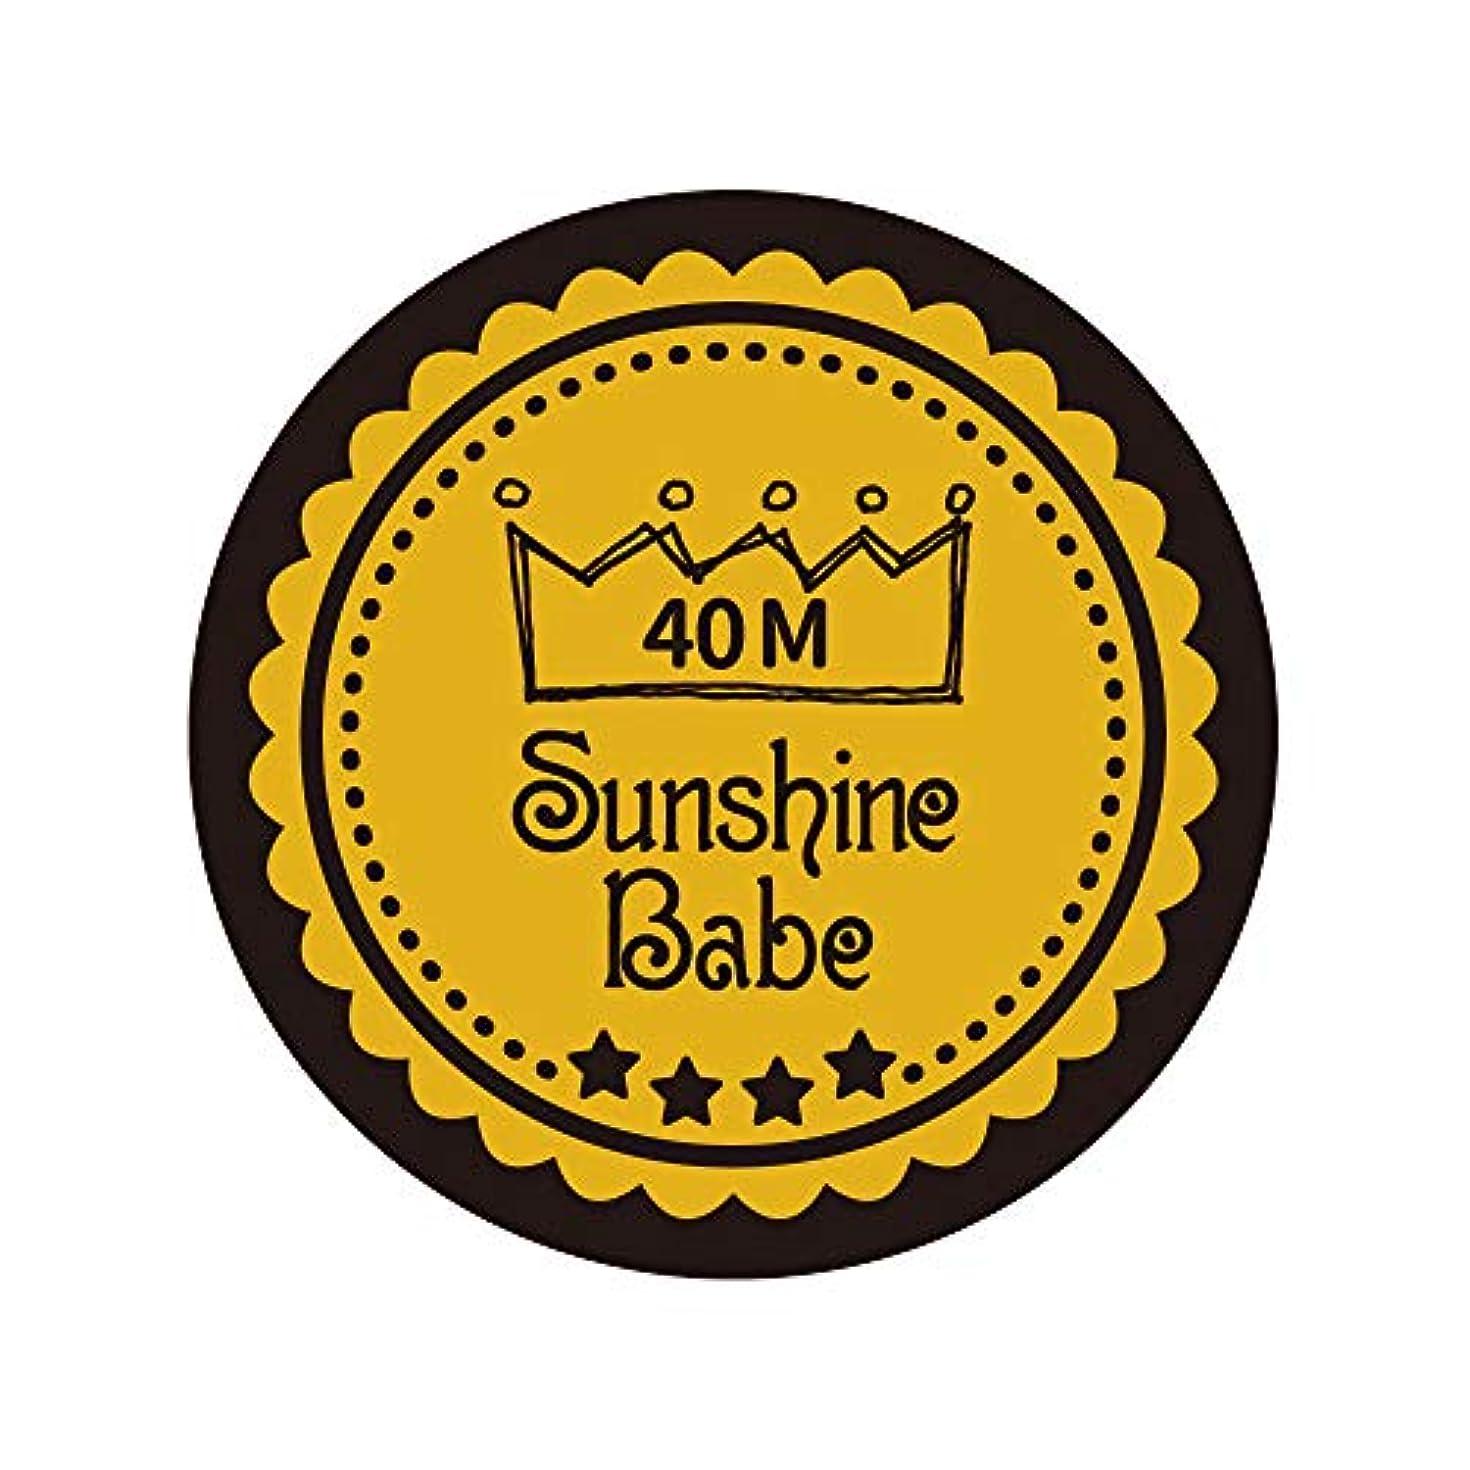 不足ファウル保持Sunshine Babe カラージェル 40M セイロンイエロー 2.7g UV/LED対応